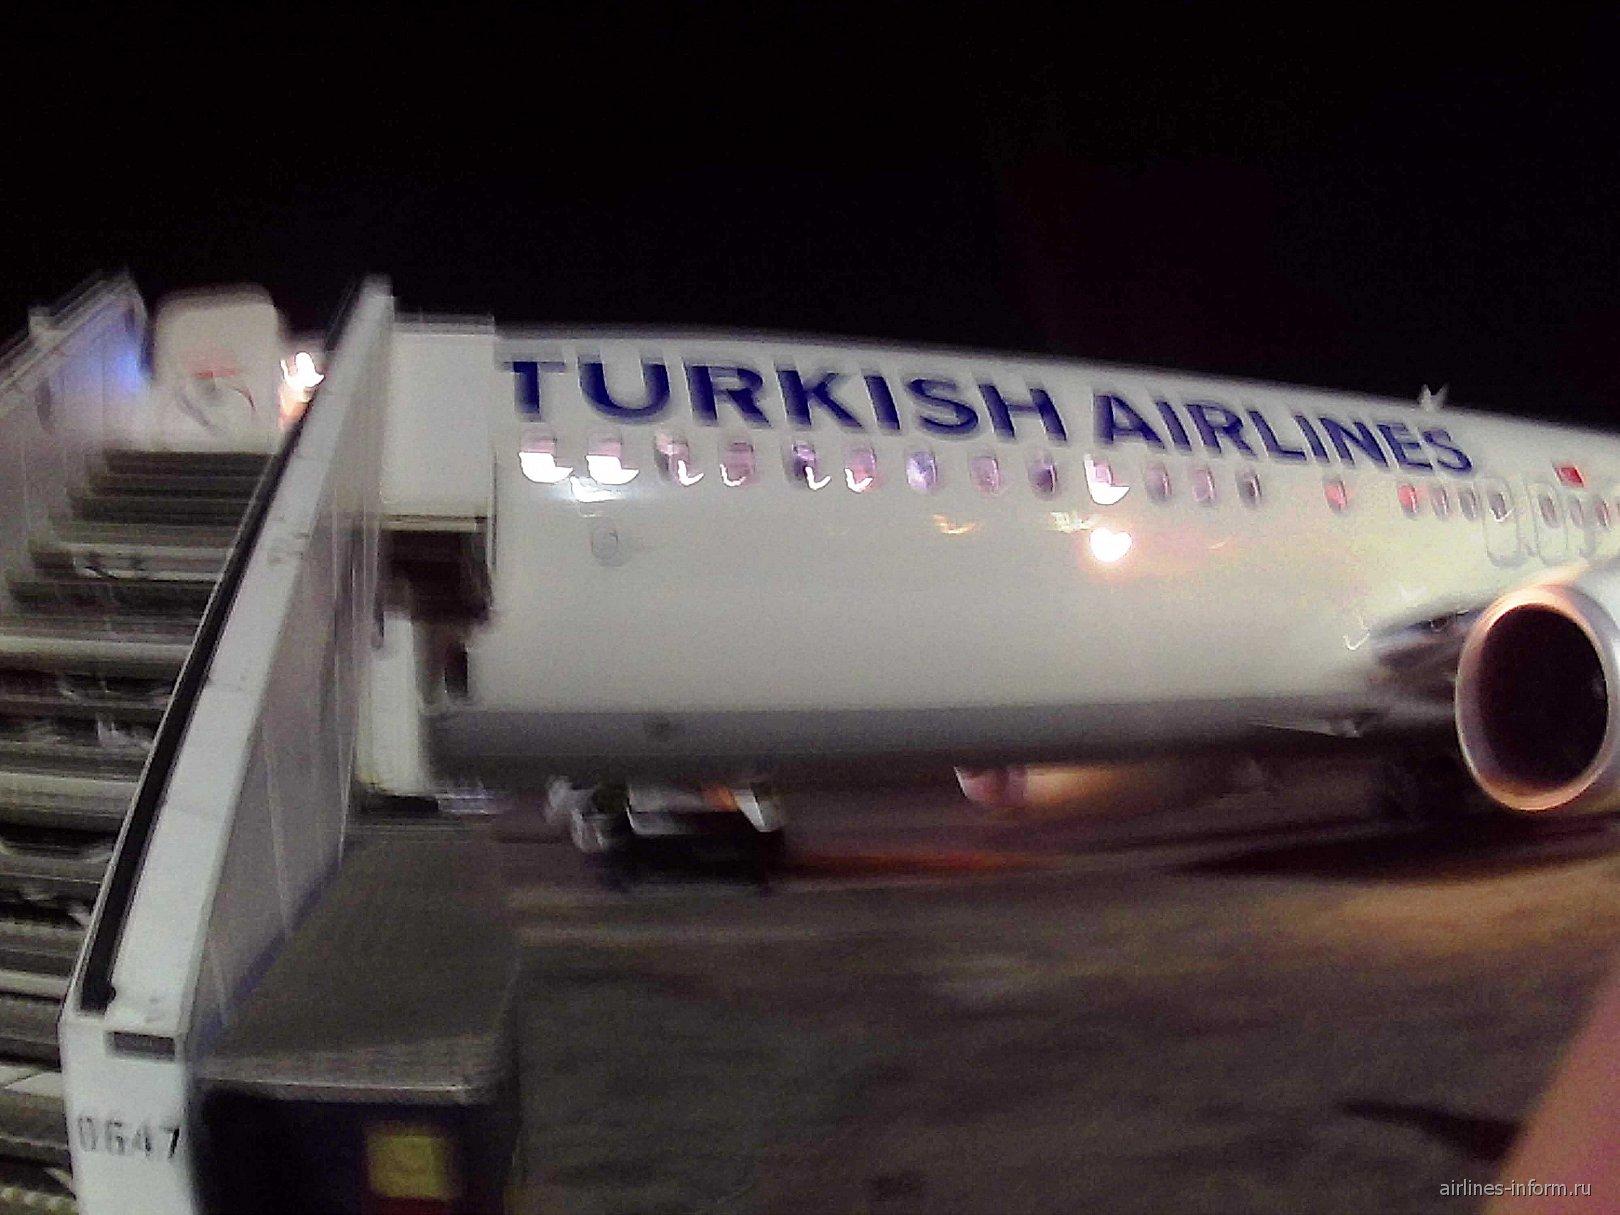 Посадка на рейс Шираз-Стамбул Турецких авиалиний